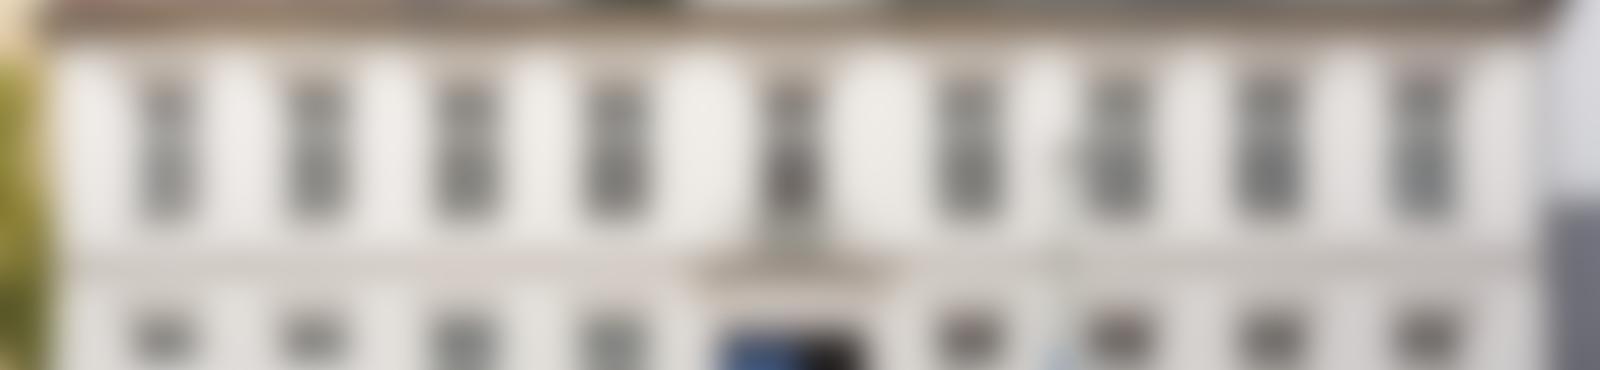 Blurred 0d5be030 1186 484c bc5b 5ef32f9a9fd9